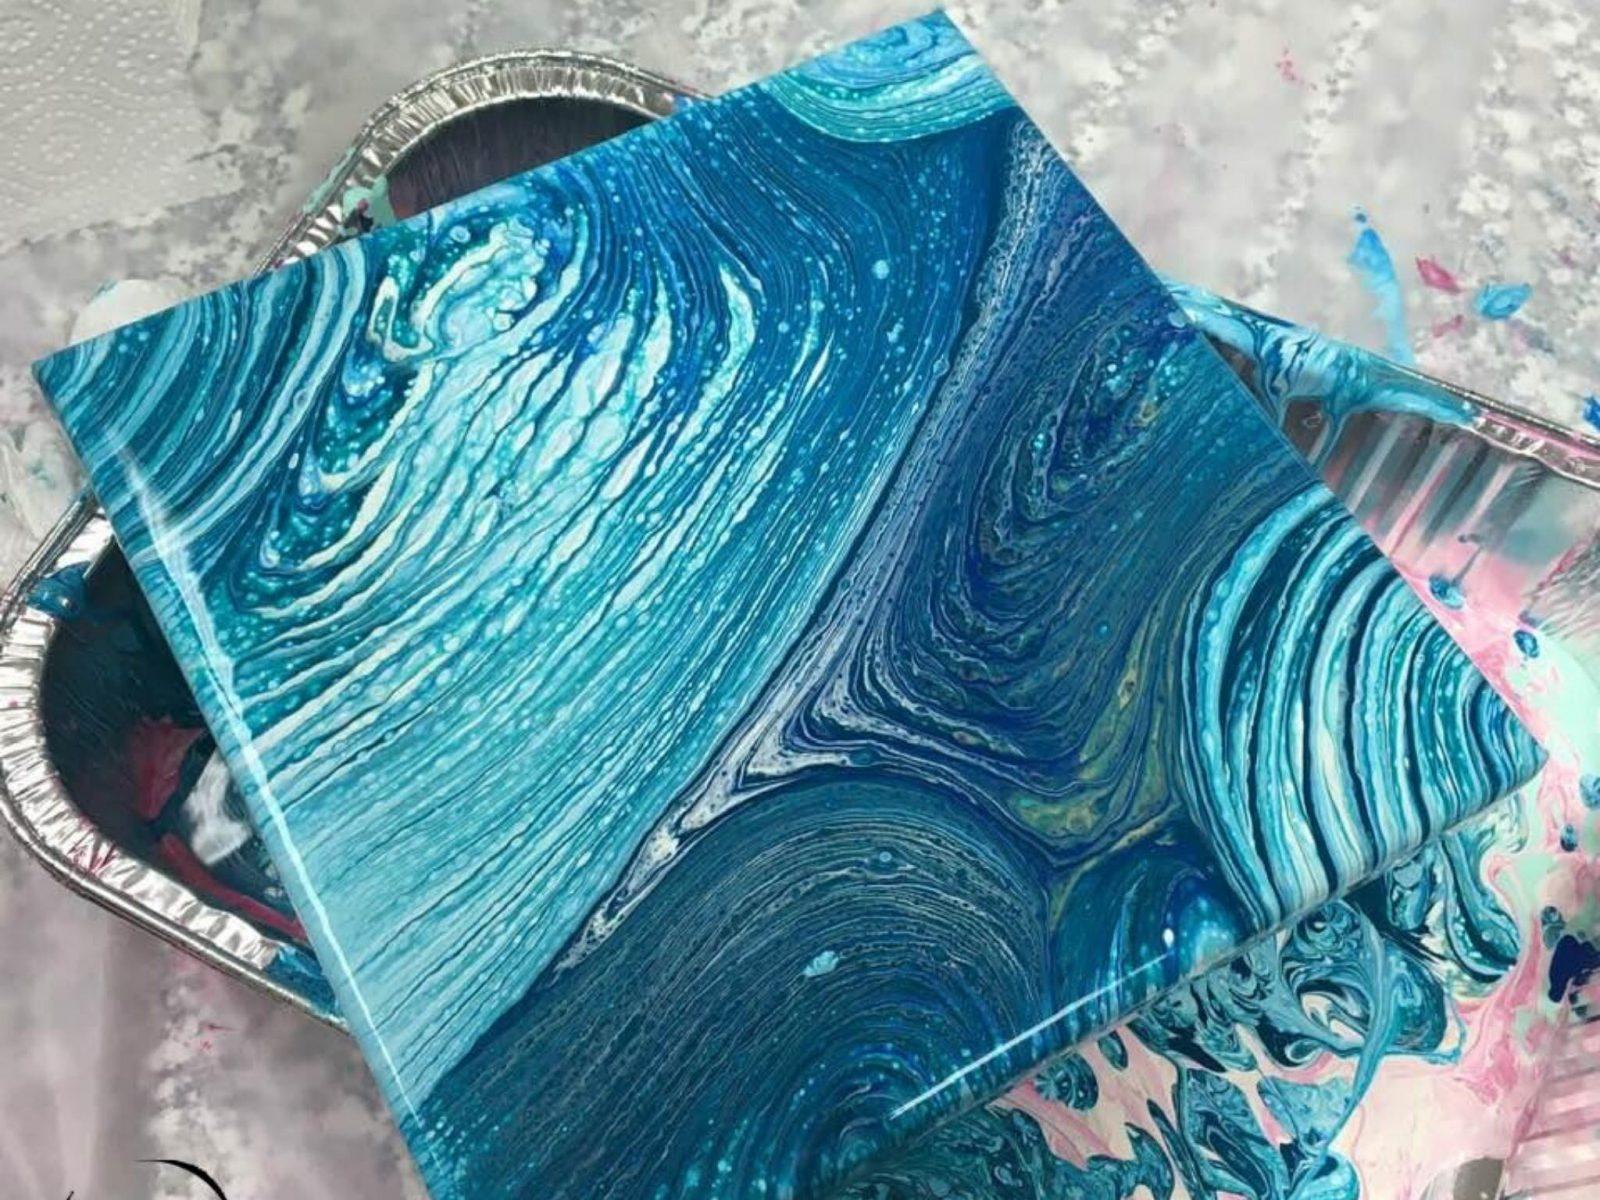 Kids Workshop Children Workshop Jervis Bay Huskisson Paint Pouring Le Workshop